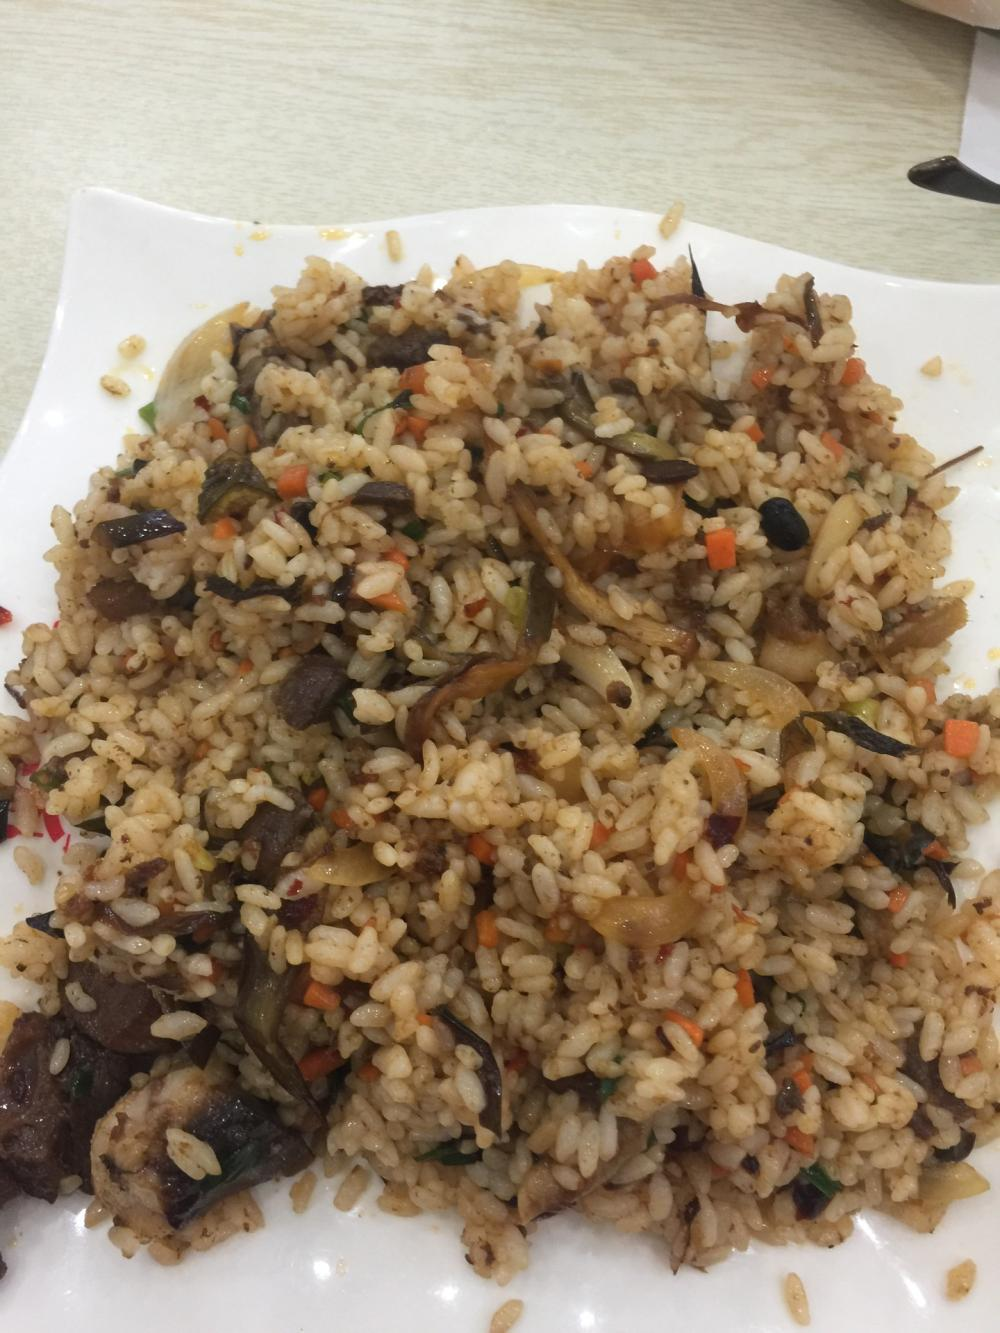 牛肉茄子炒饭-郑锦记牛肉饭-美团